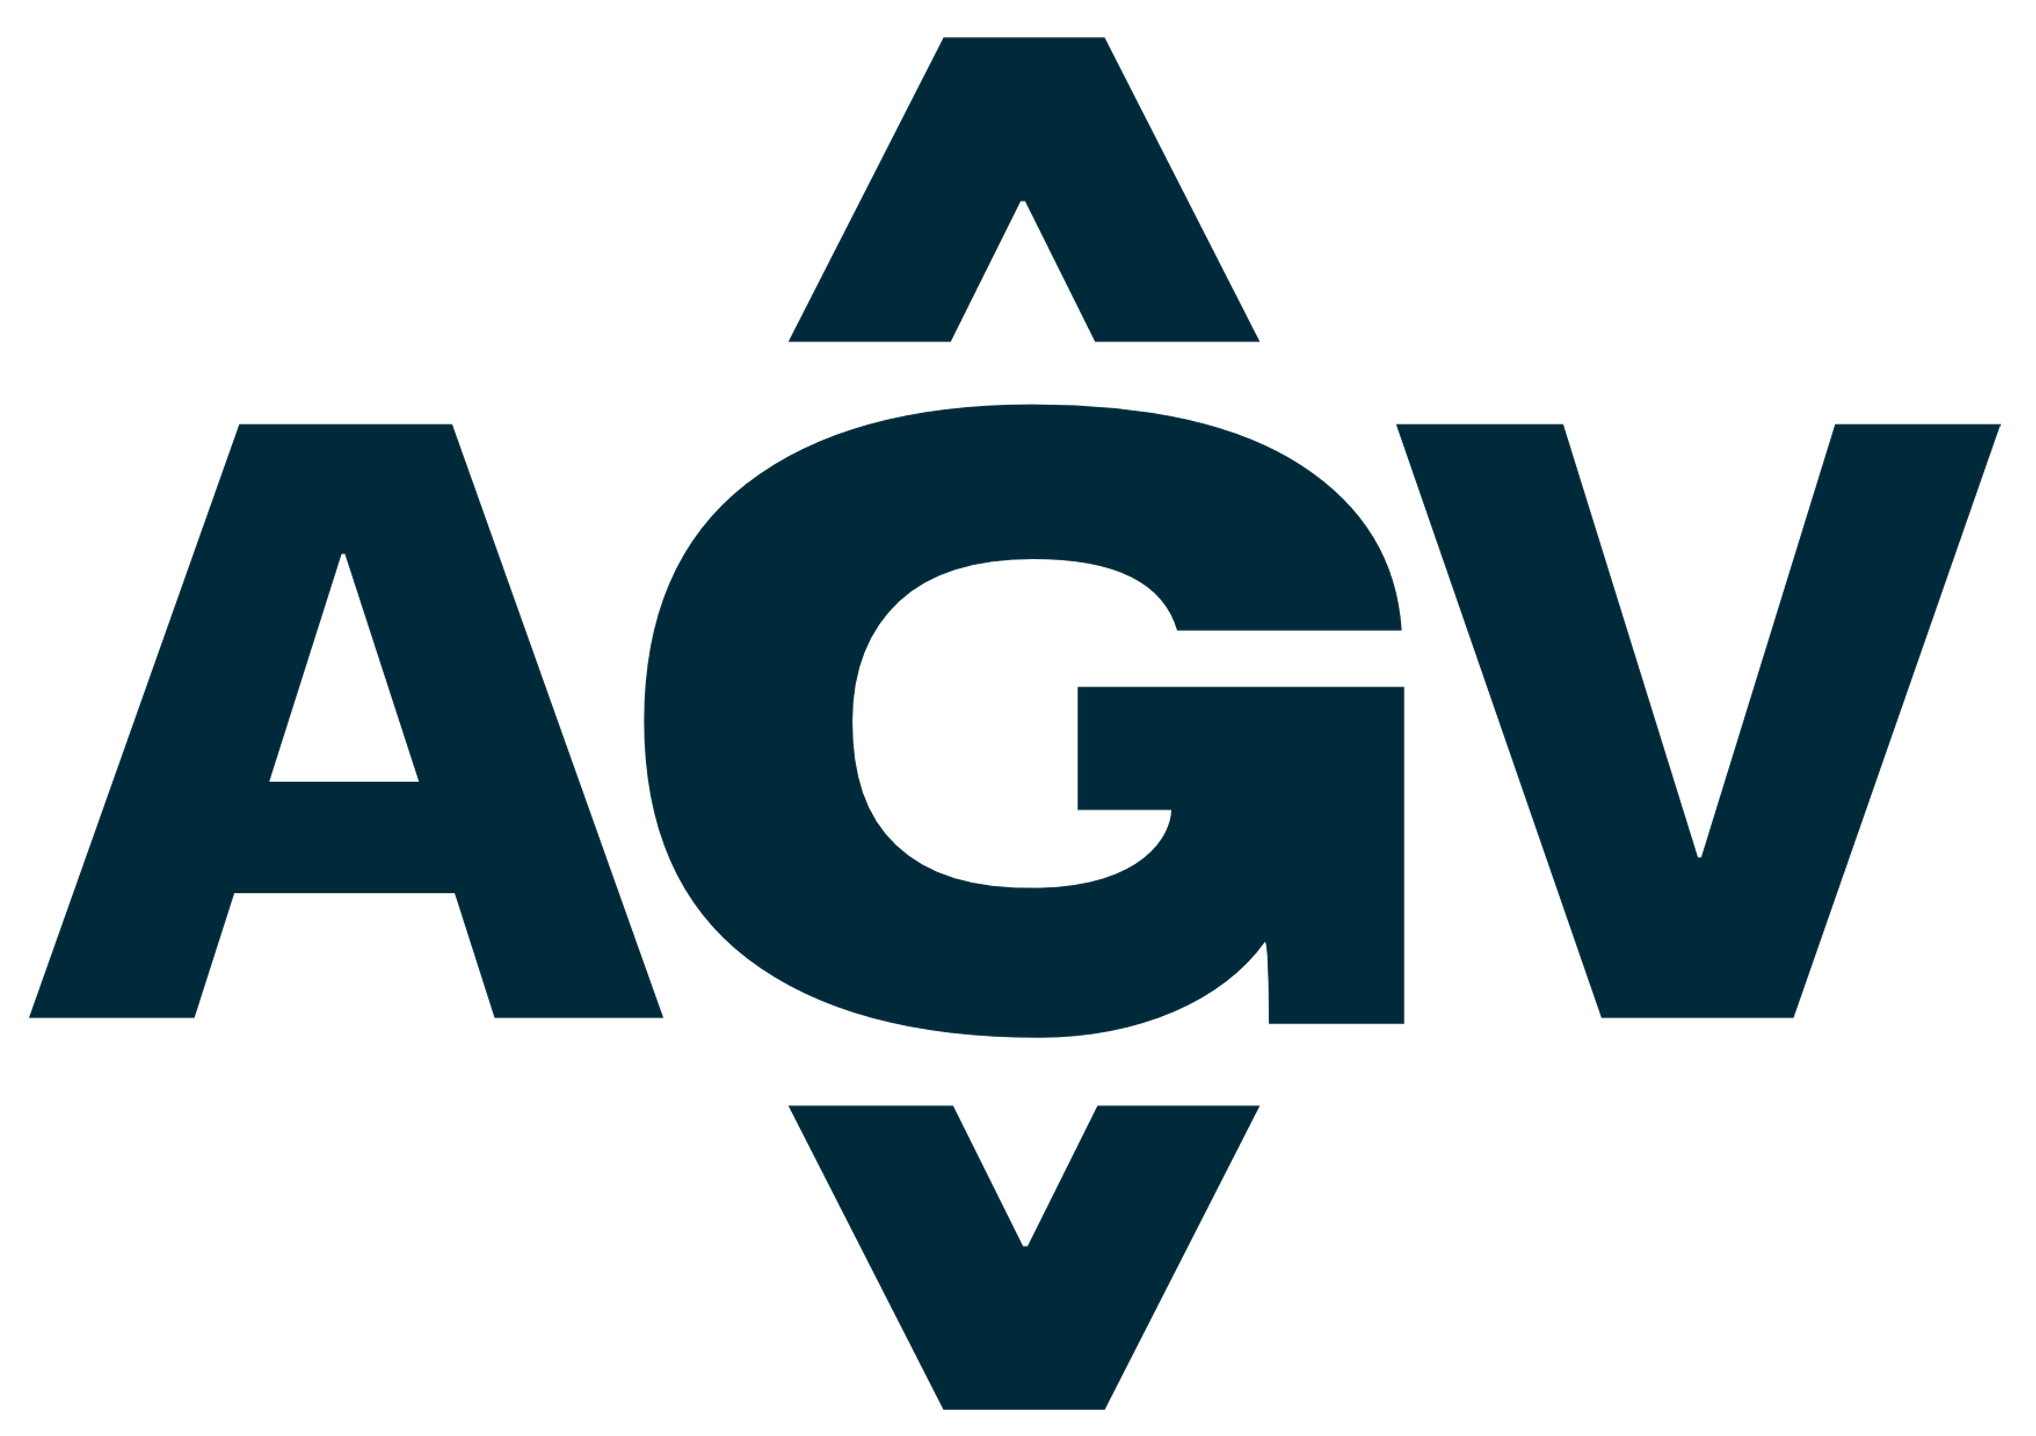 AGV systems